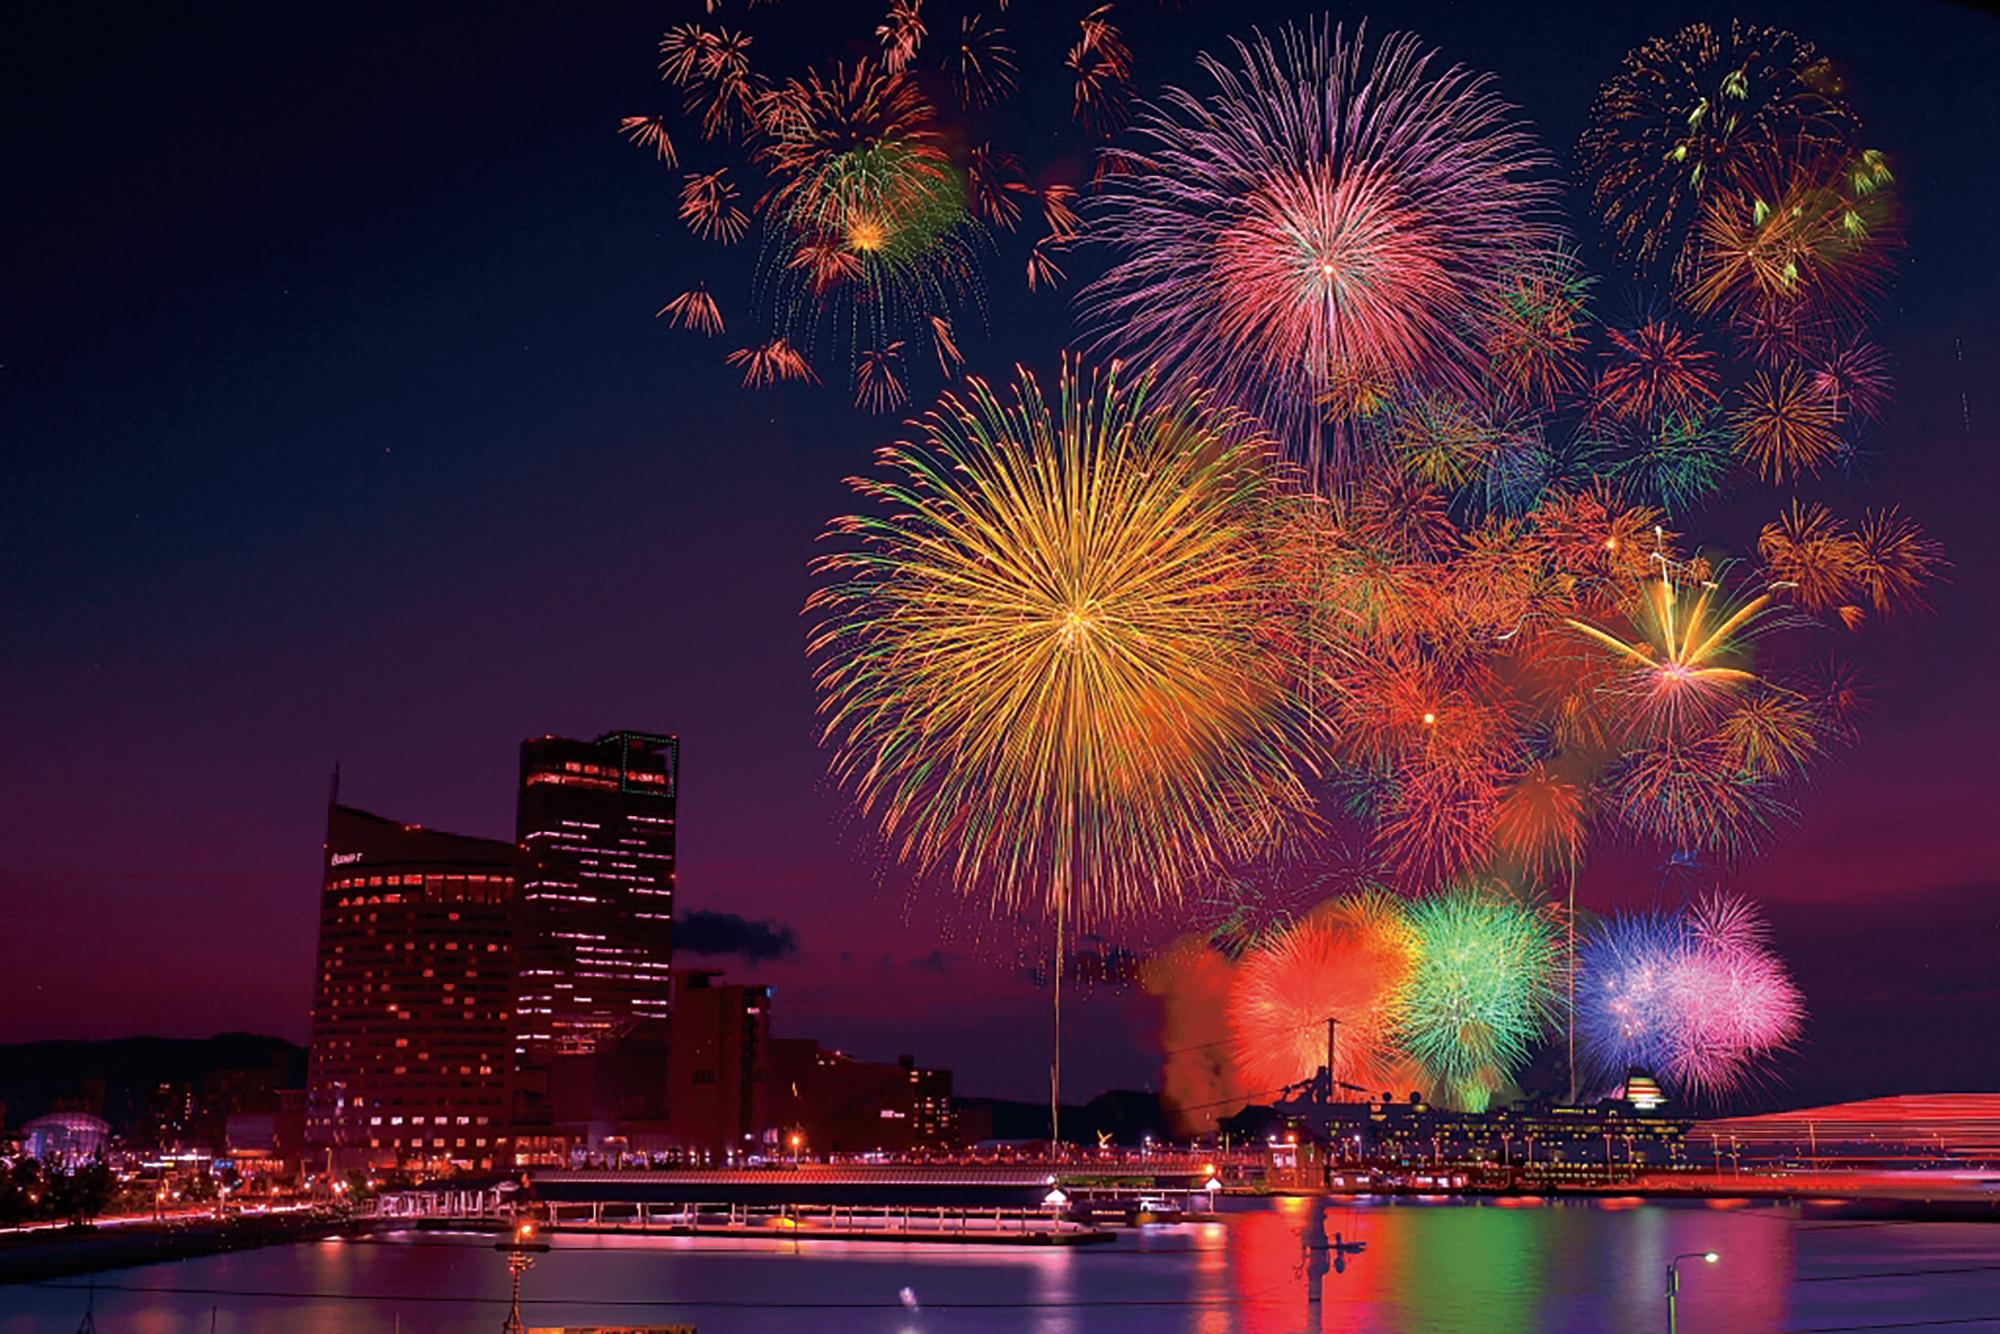 ドドドドッカ~ンと夏を楽しもう! 全力花火ガイドin徳島 ② 8月開催まとめ